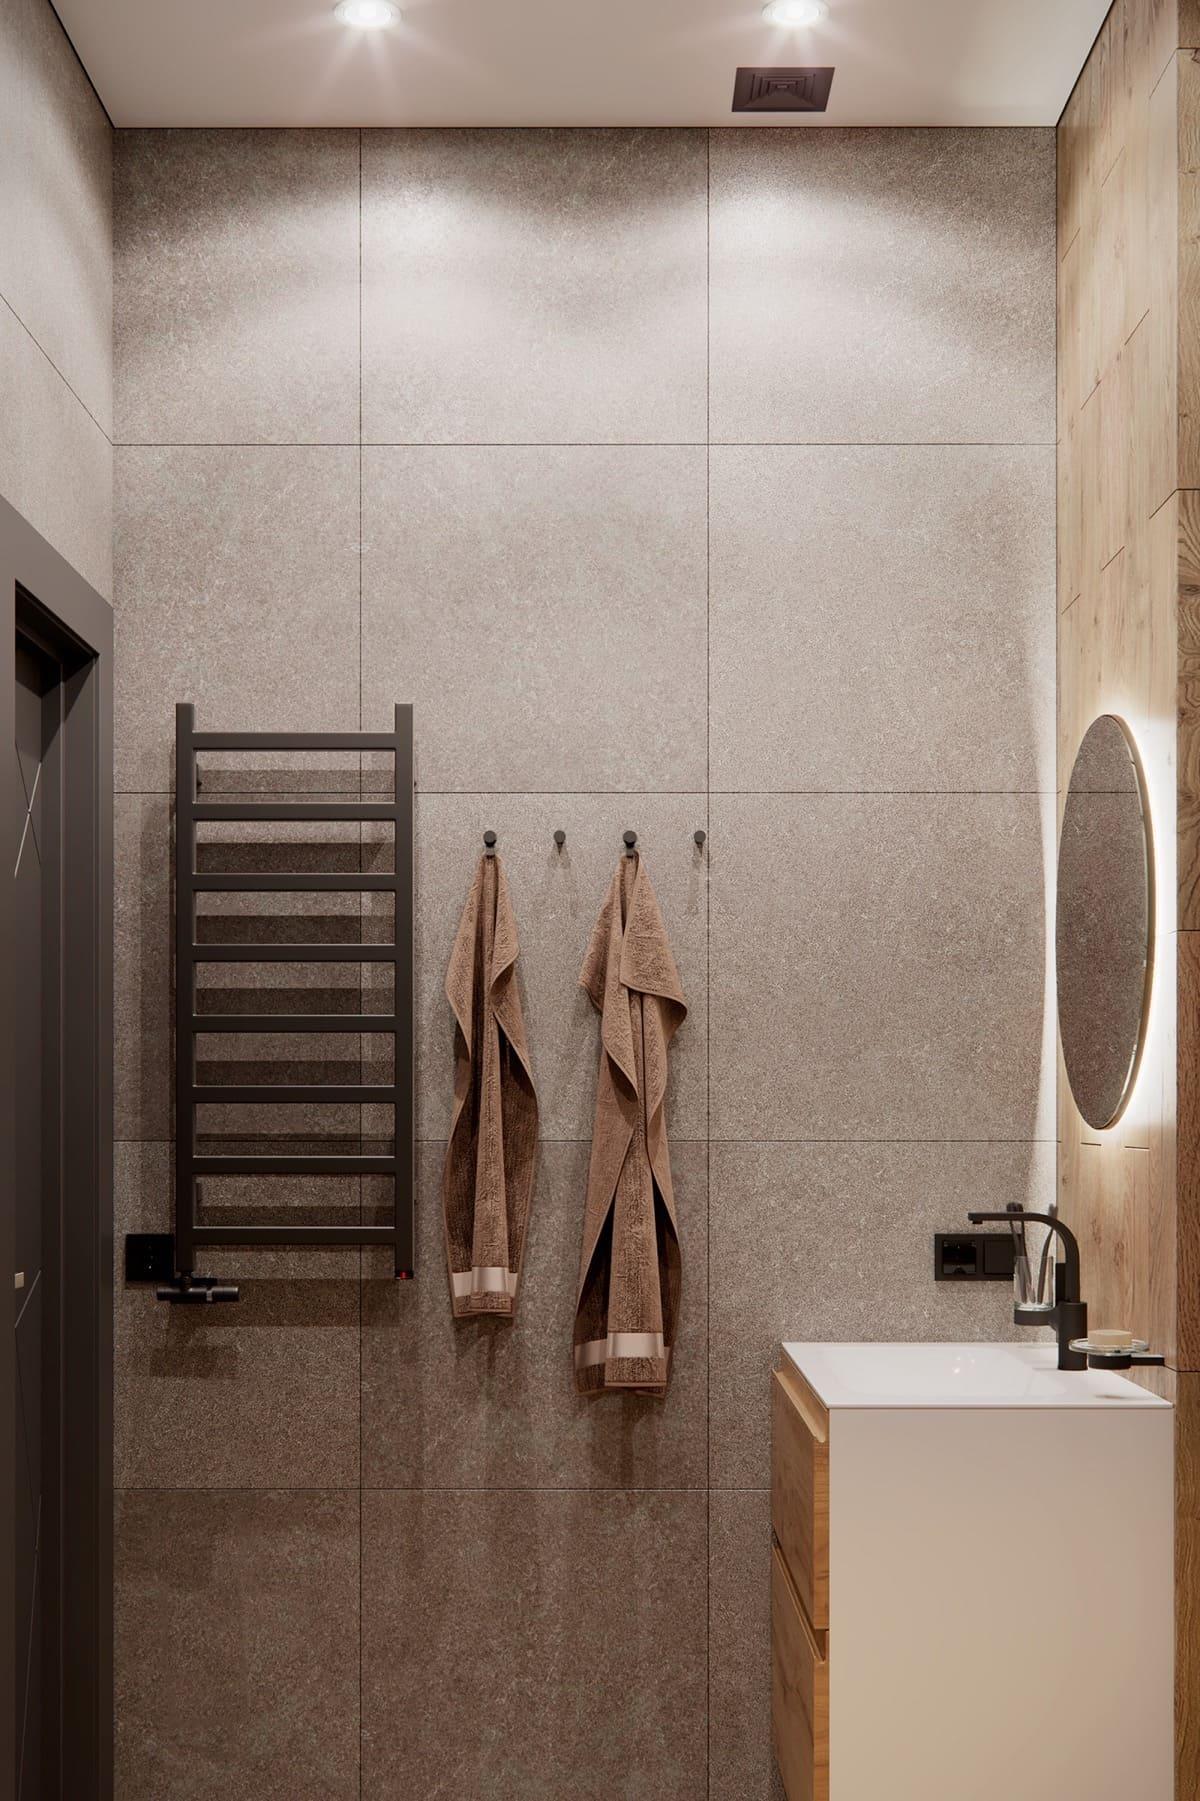 дизайн интерьера ванной комнаты фото 16